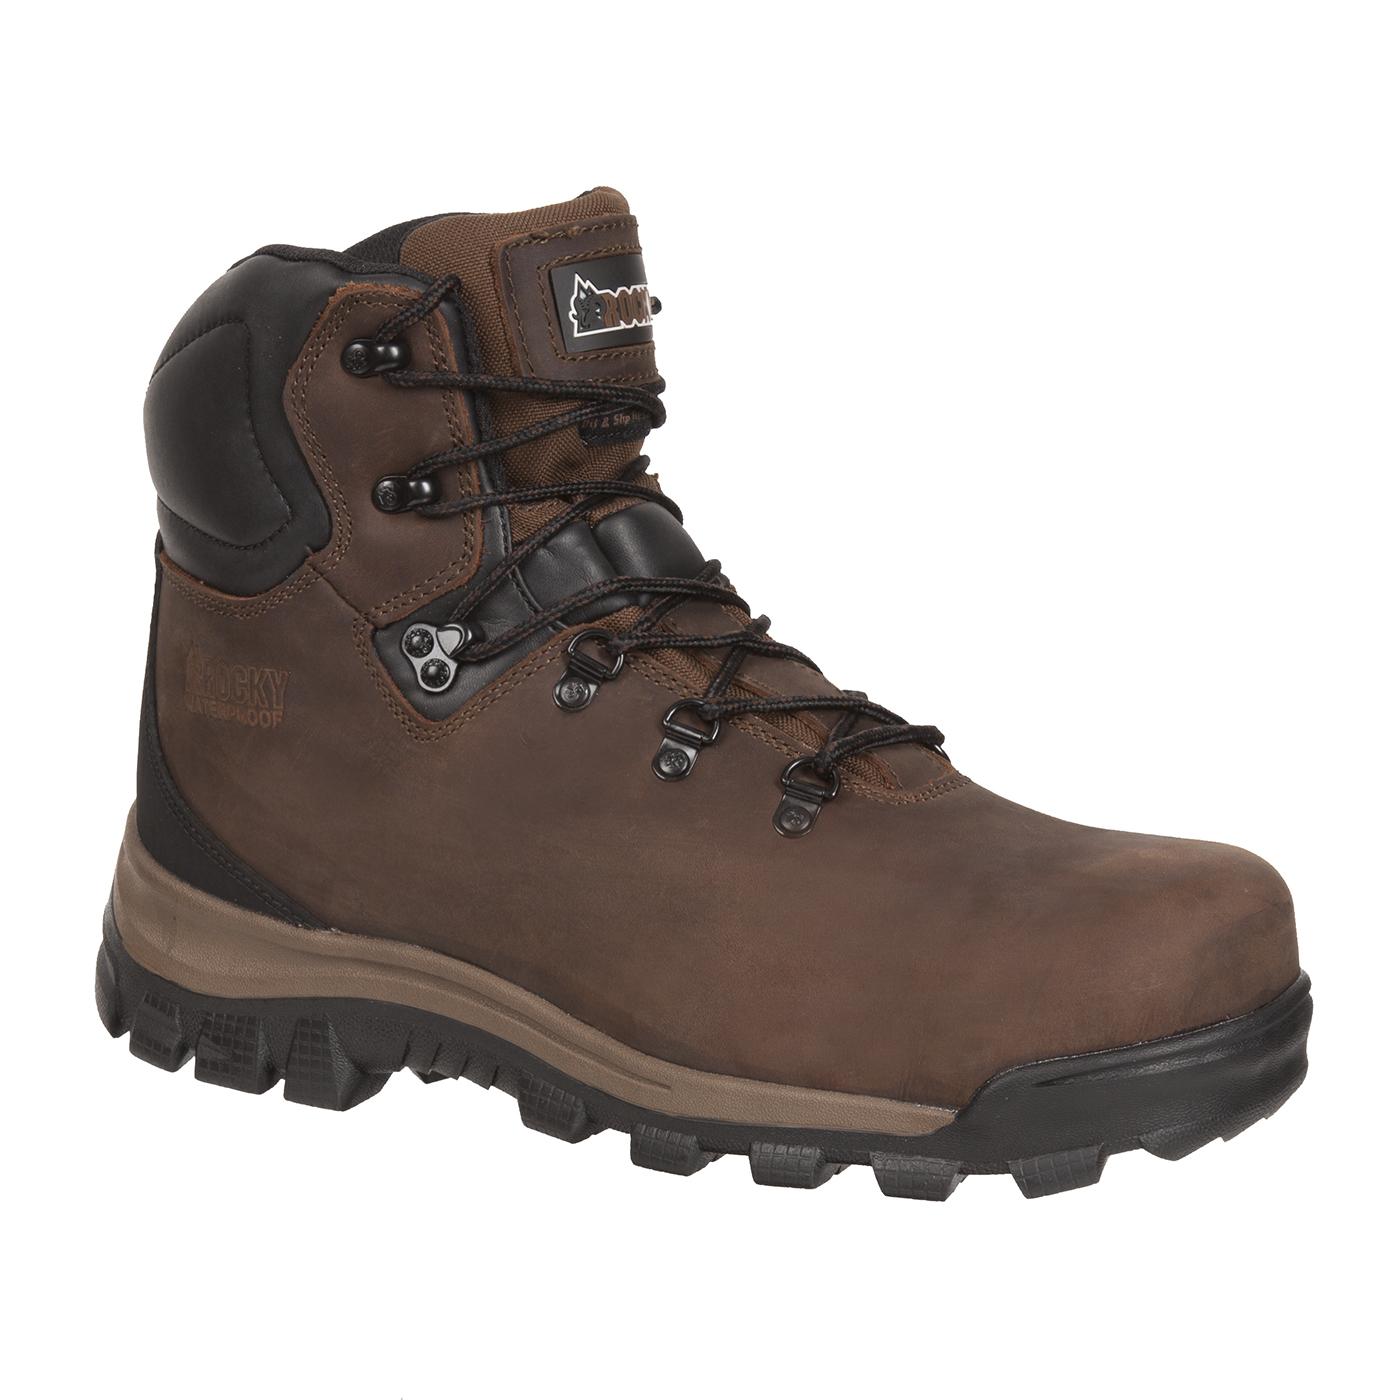 Rocky FQ0006421 Core Steel Toe Waterproof Work Shoe